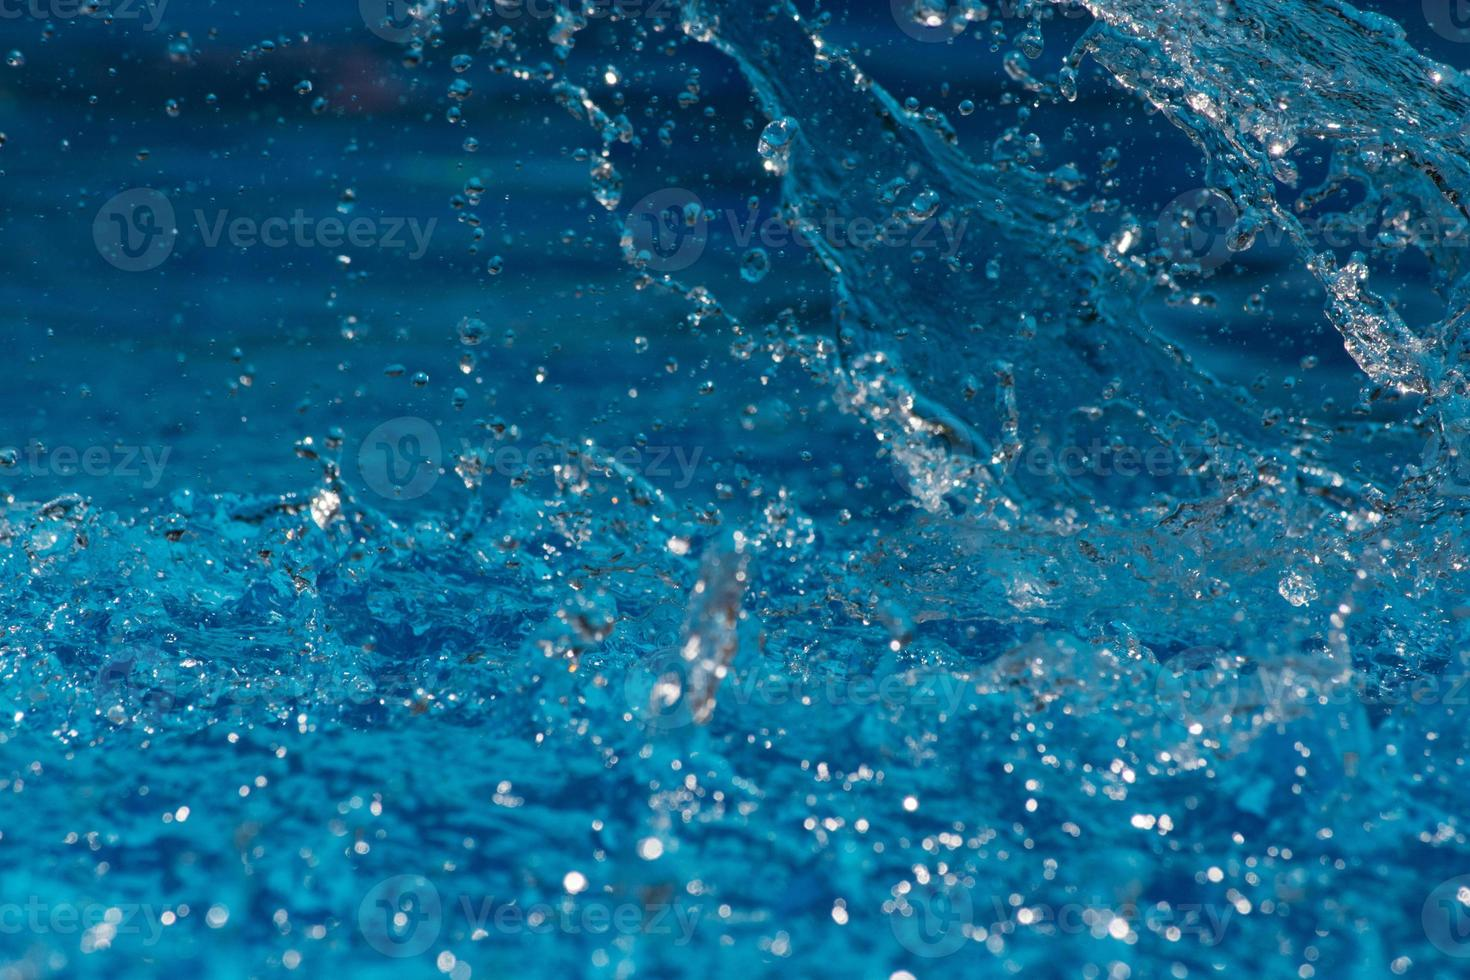 spruzzi d'acqua sullo sfondo foto